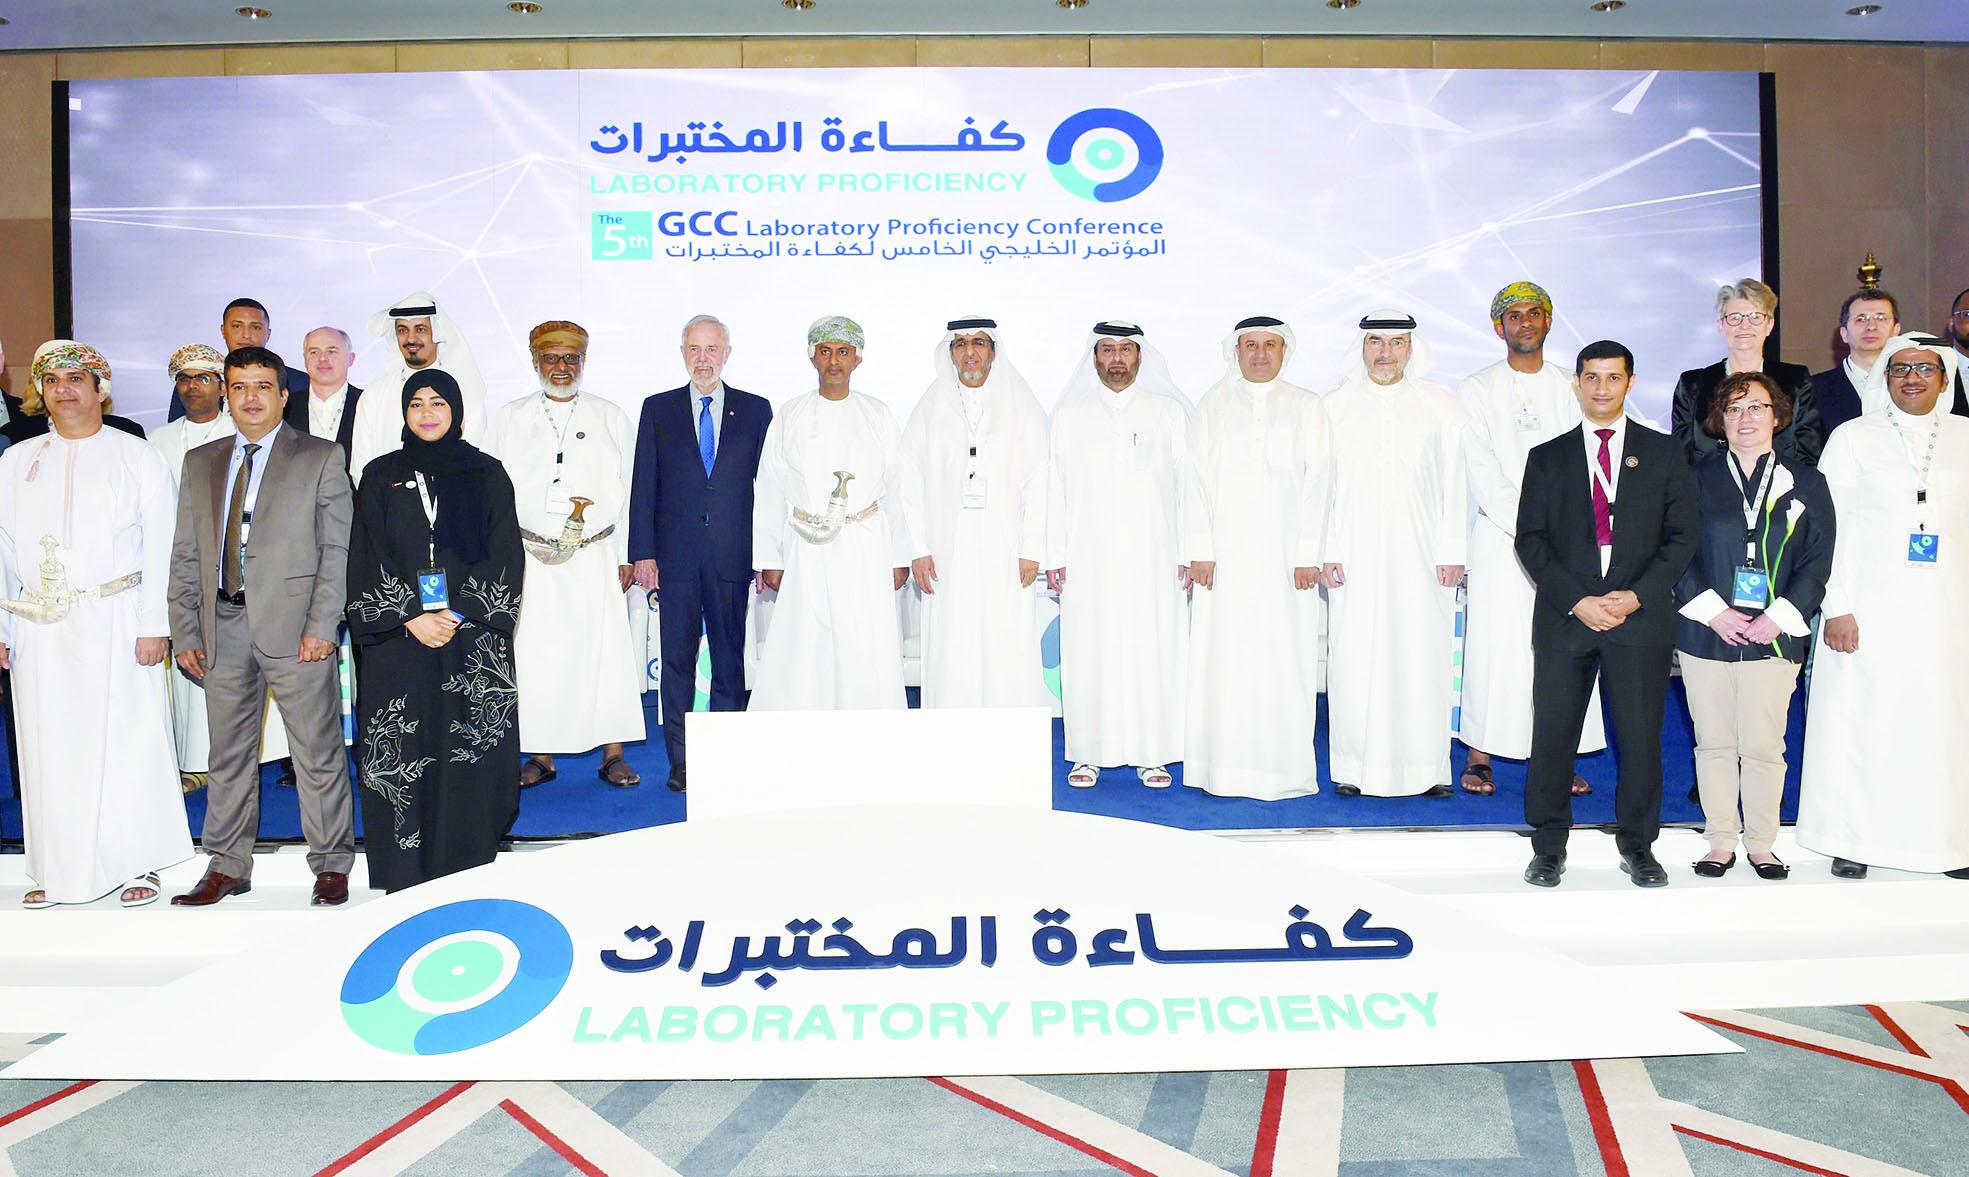 وزير التجارة: المختبرات المرجعية تضمن الاعتراف الدولي بكفاءة أنشطة المختبرات في السلطنة ودول المجلس